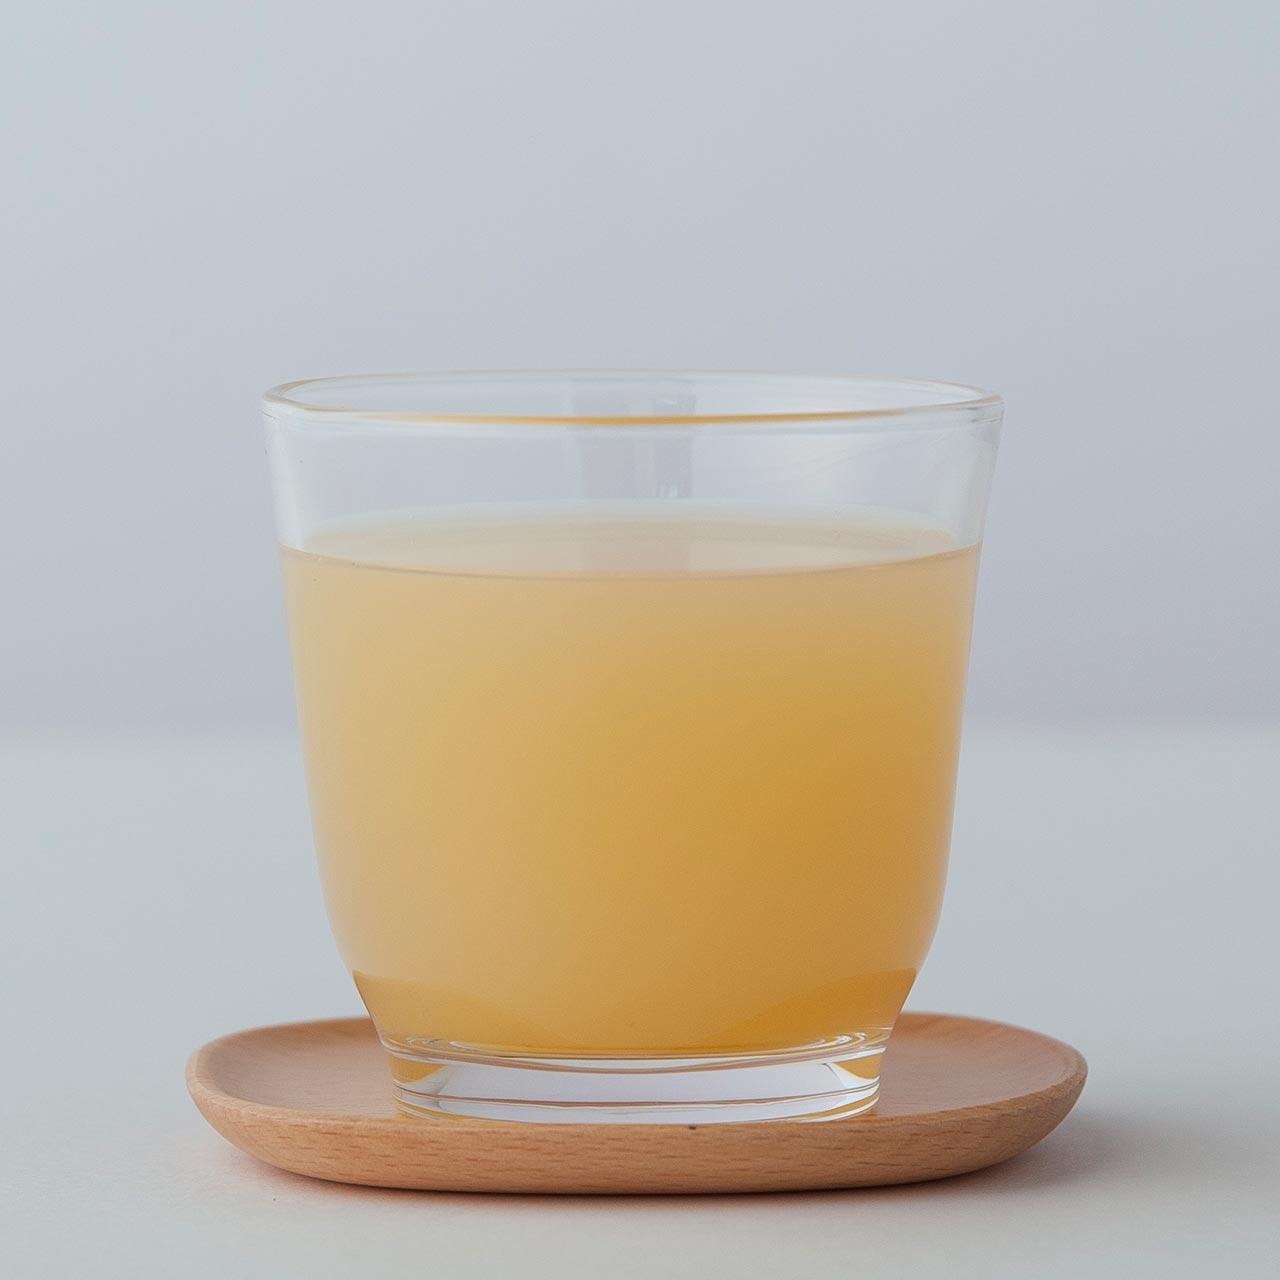 ビン12本入り 医果同源未熟りんご入りりんごジュース